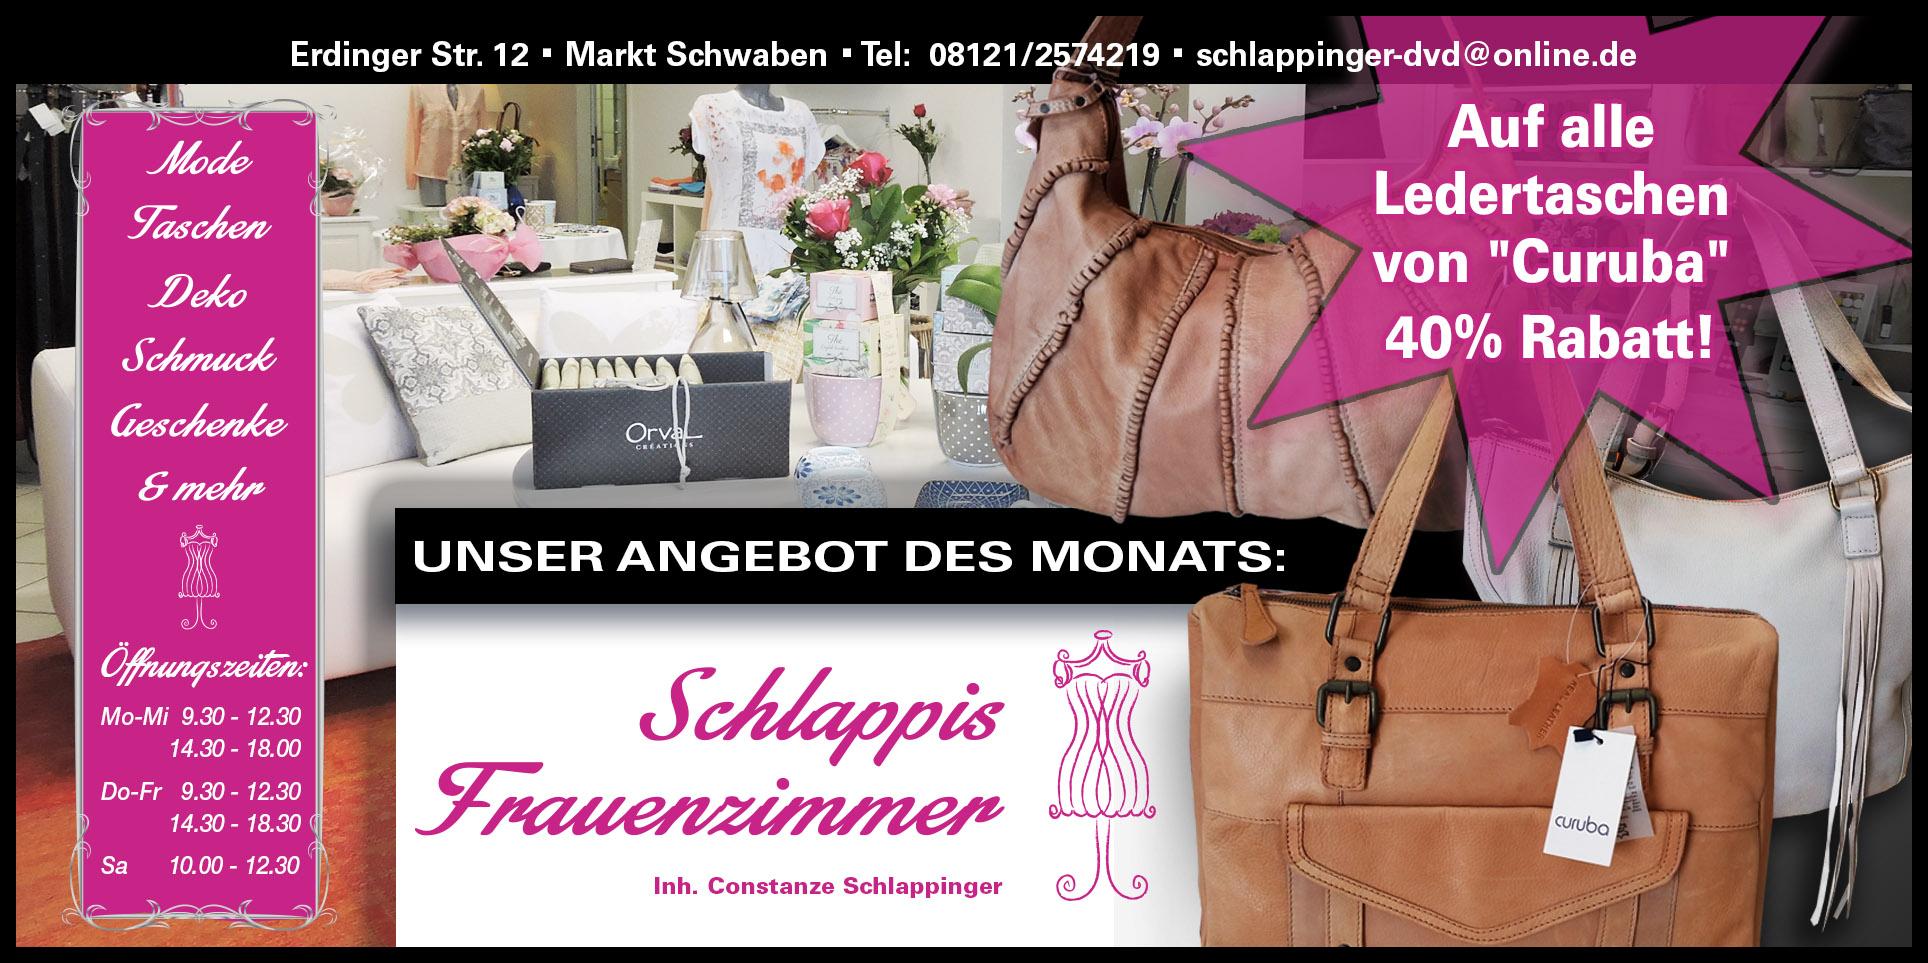 slider9_schlappis_frauenzimmer